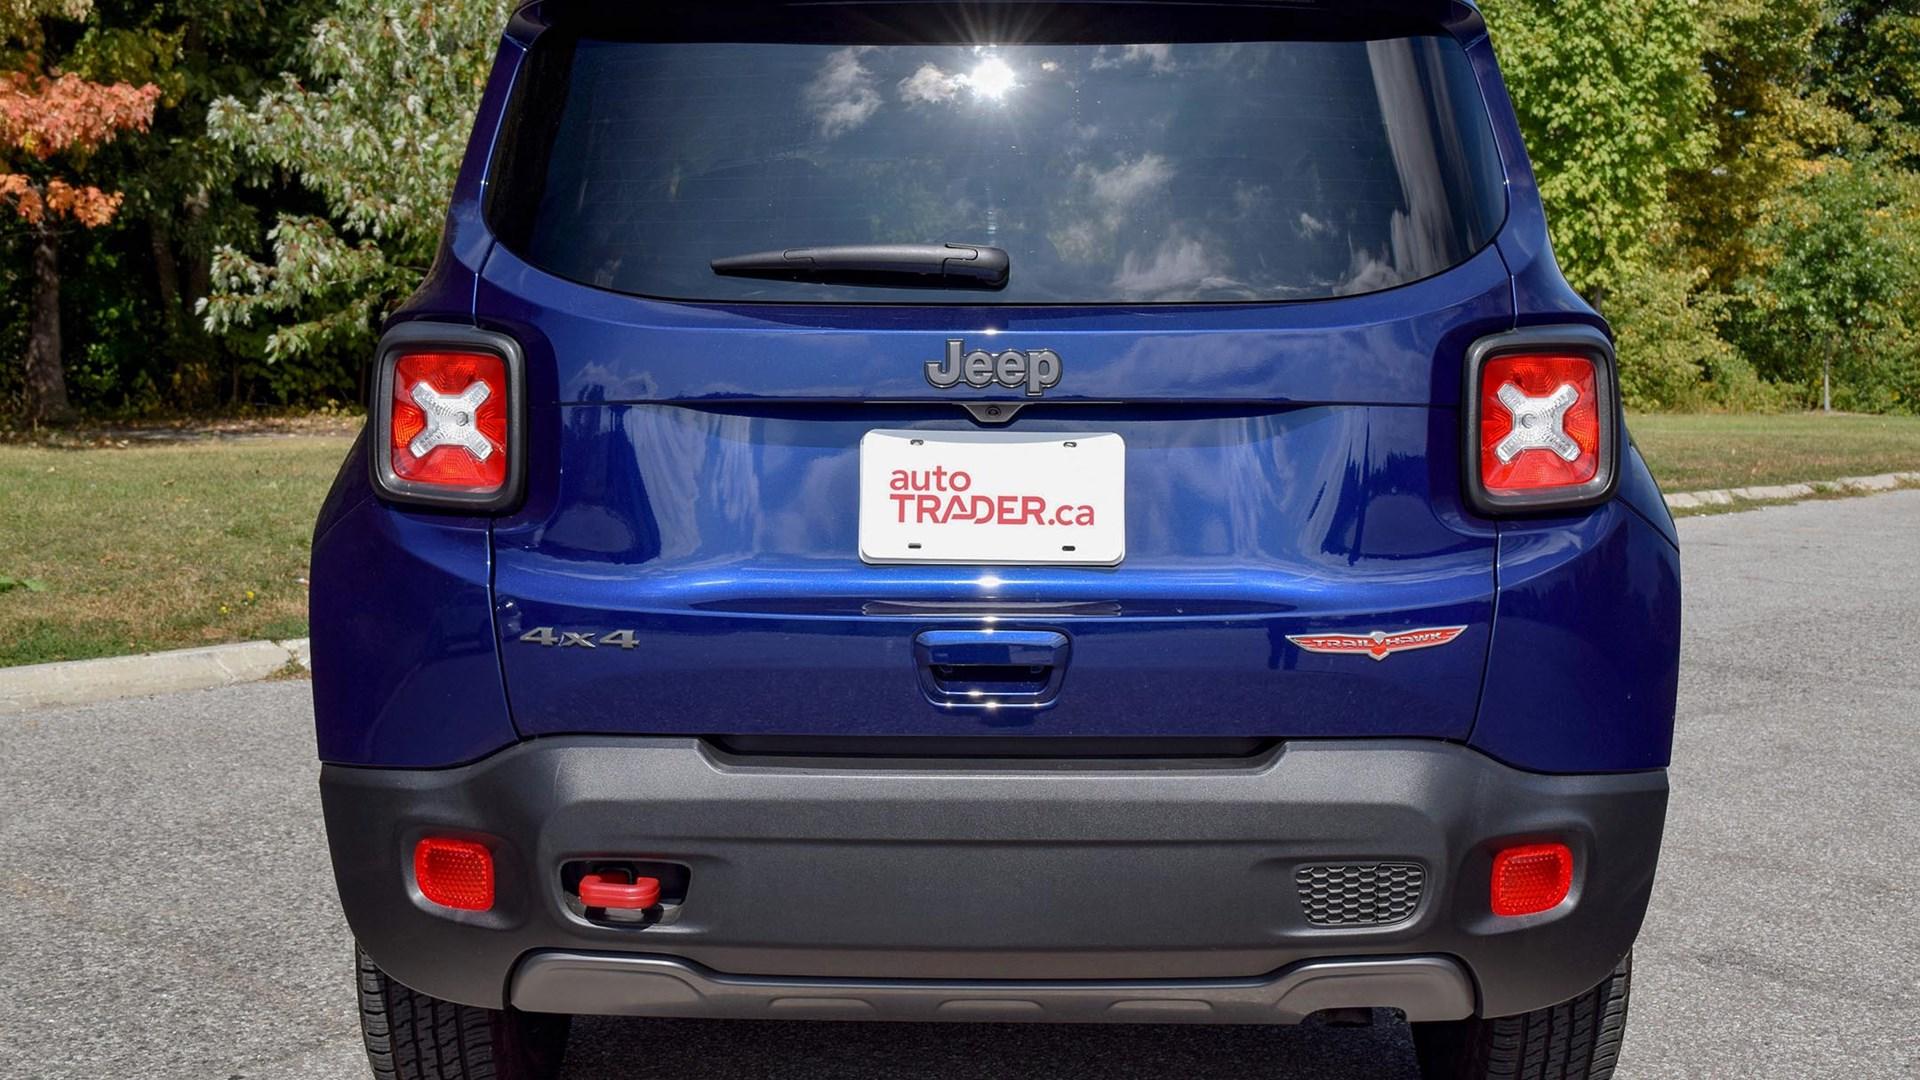 2021 chevrolet trailblazer vs jeep renegade comparison